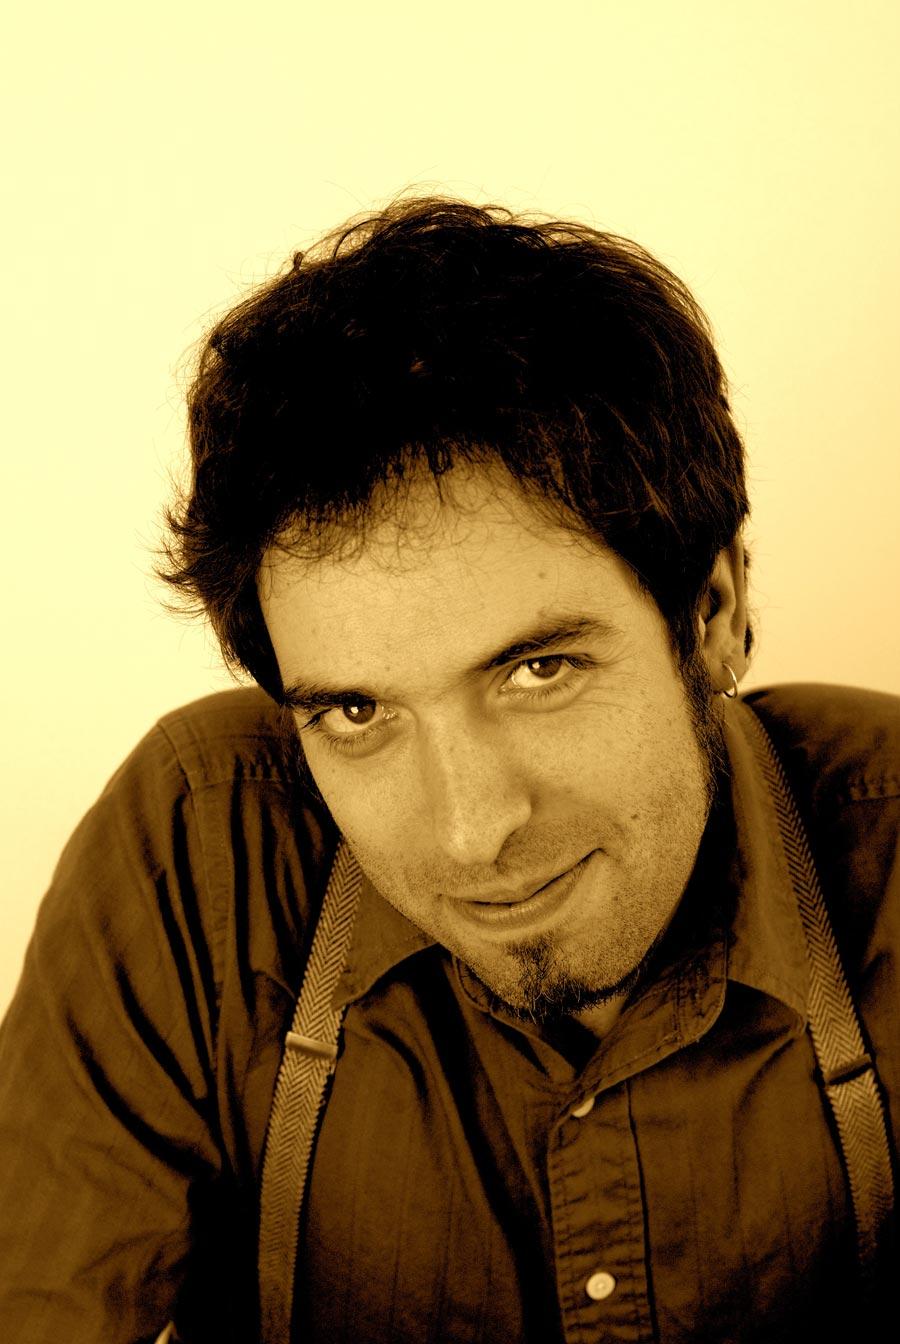 Pablo Martín Sánchez